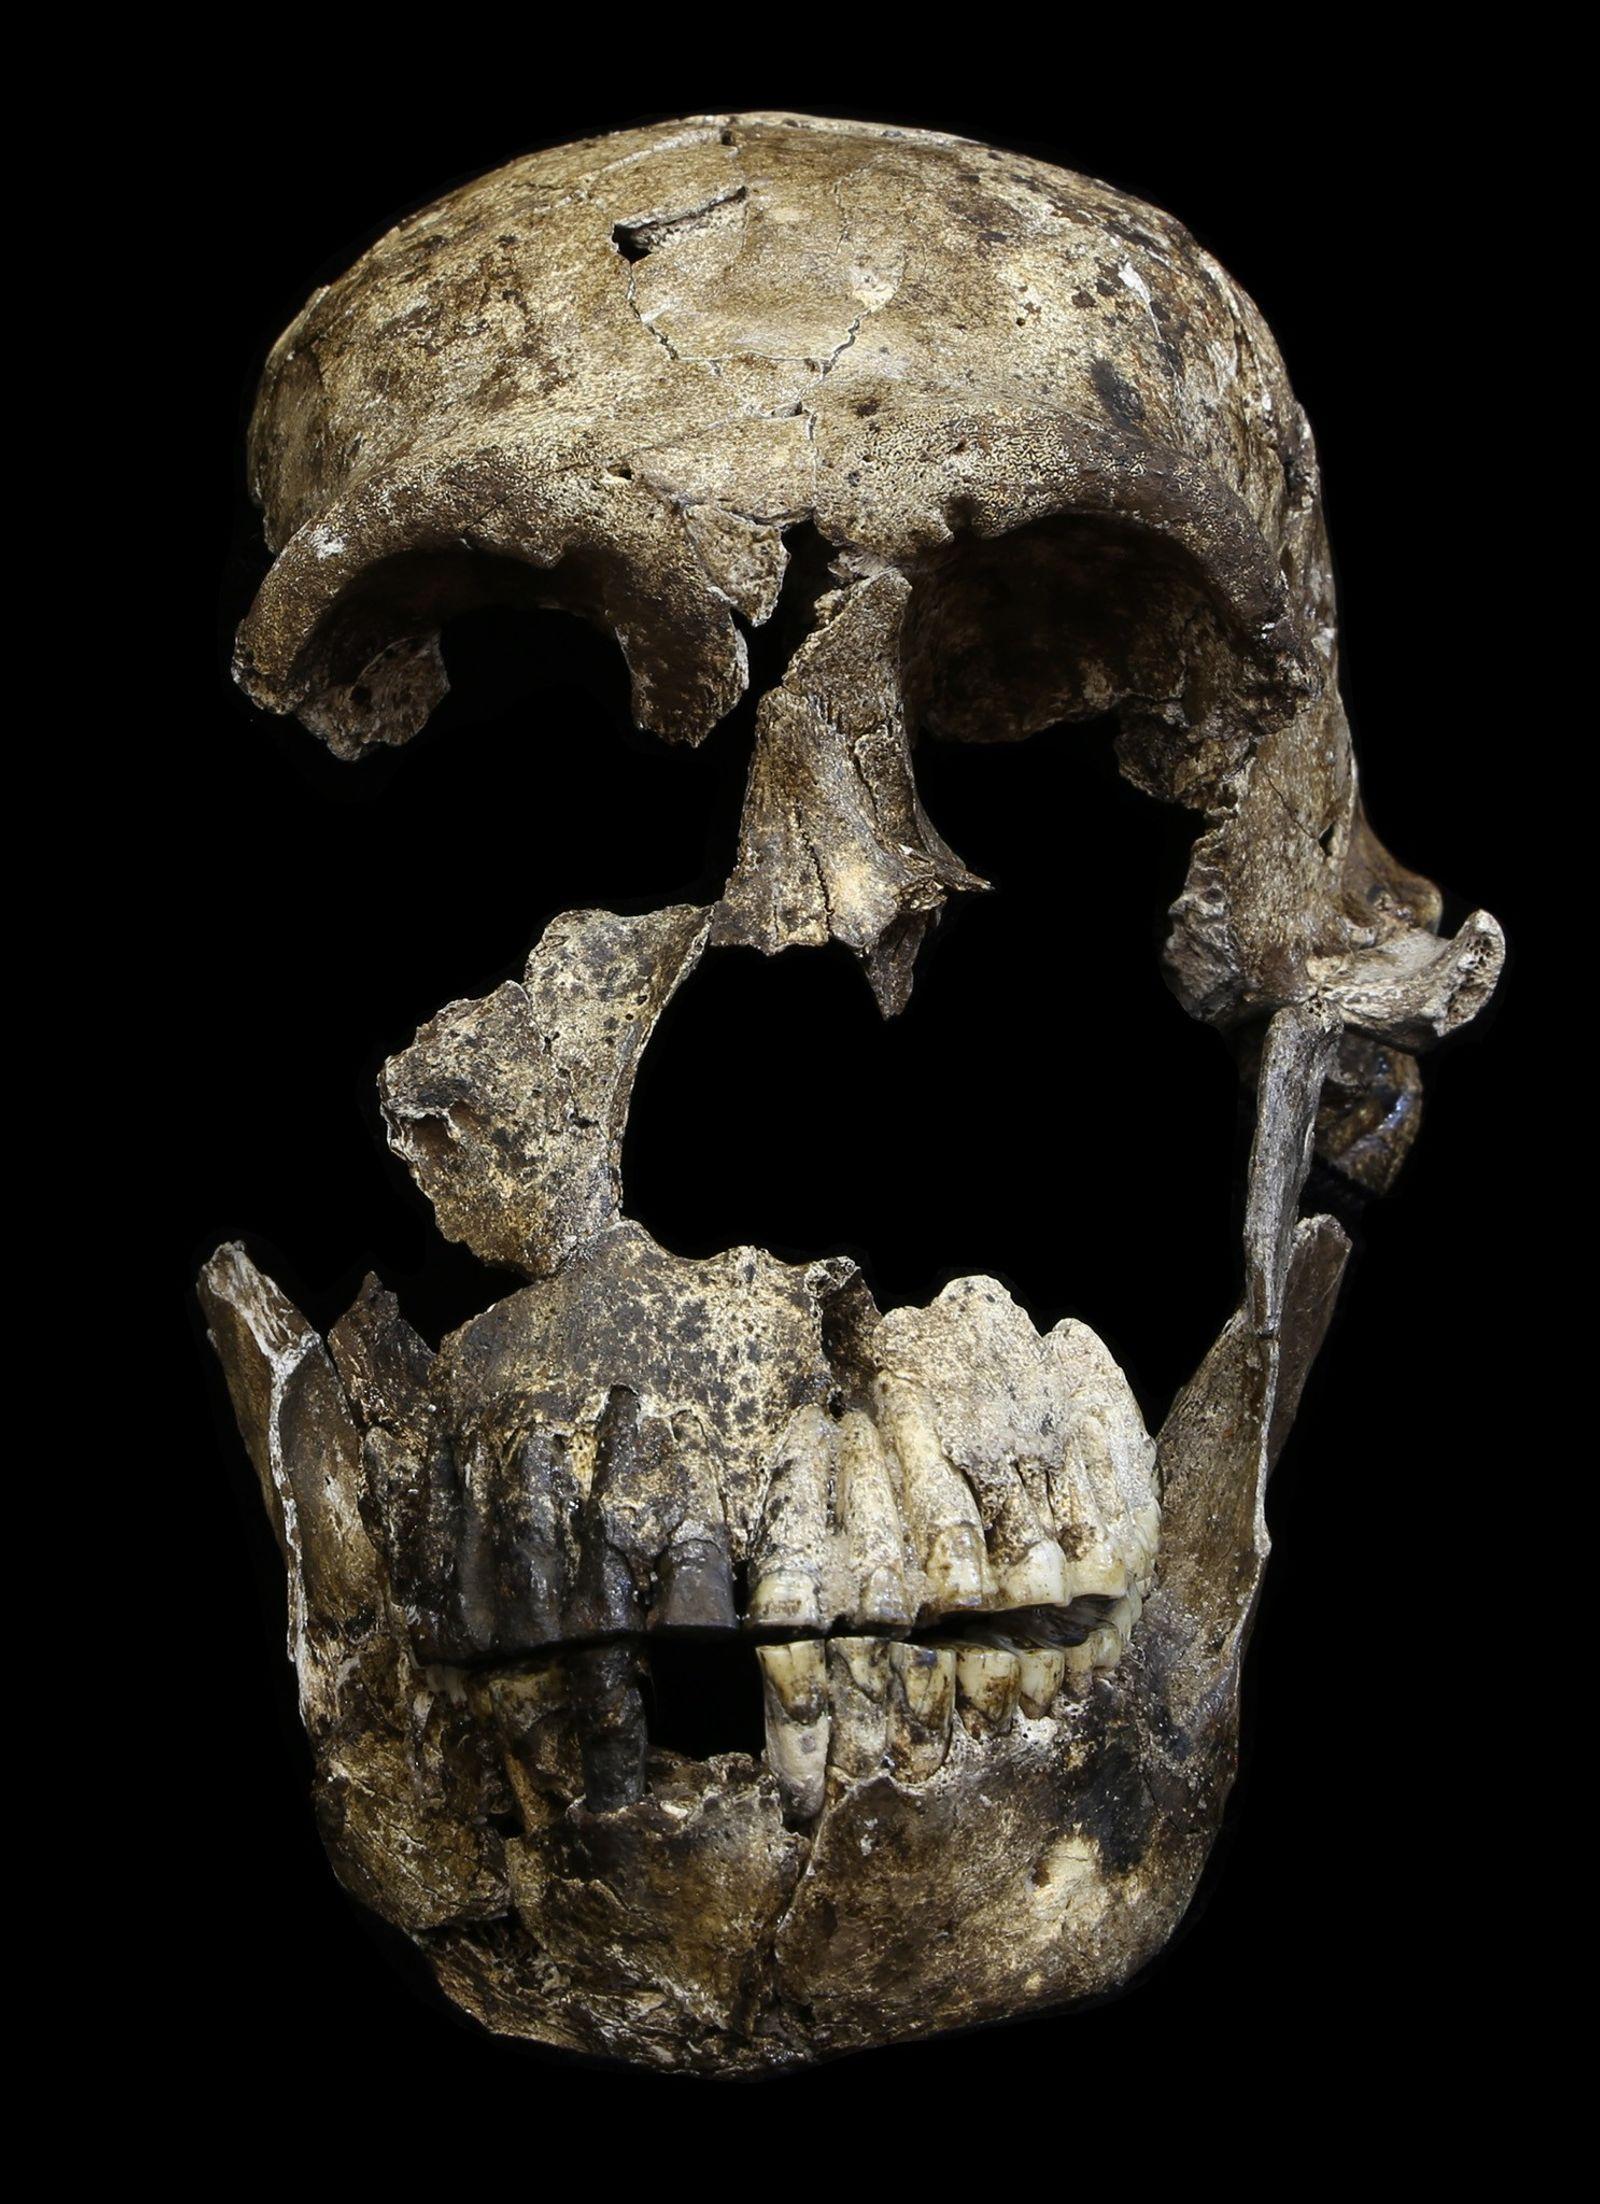 Les plus anciennes preuves de la présence humaine dans le bassin du Congo enfin datées